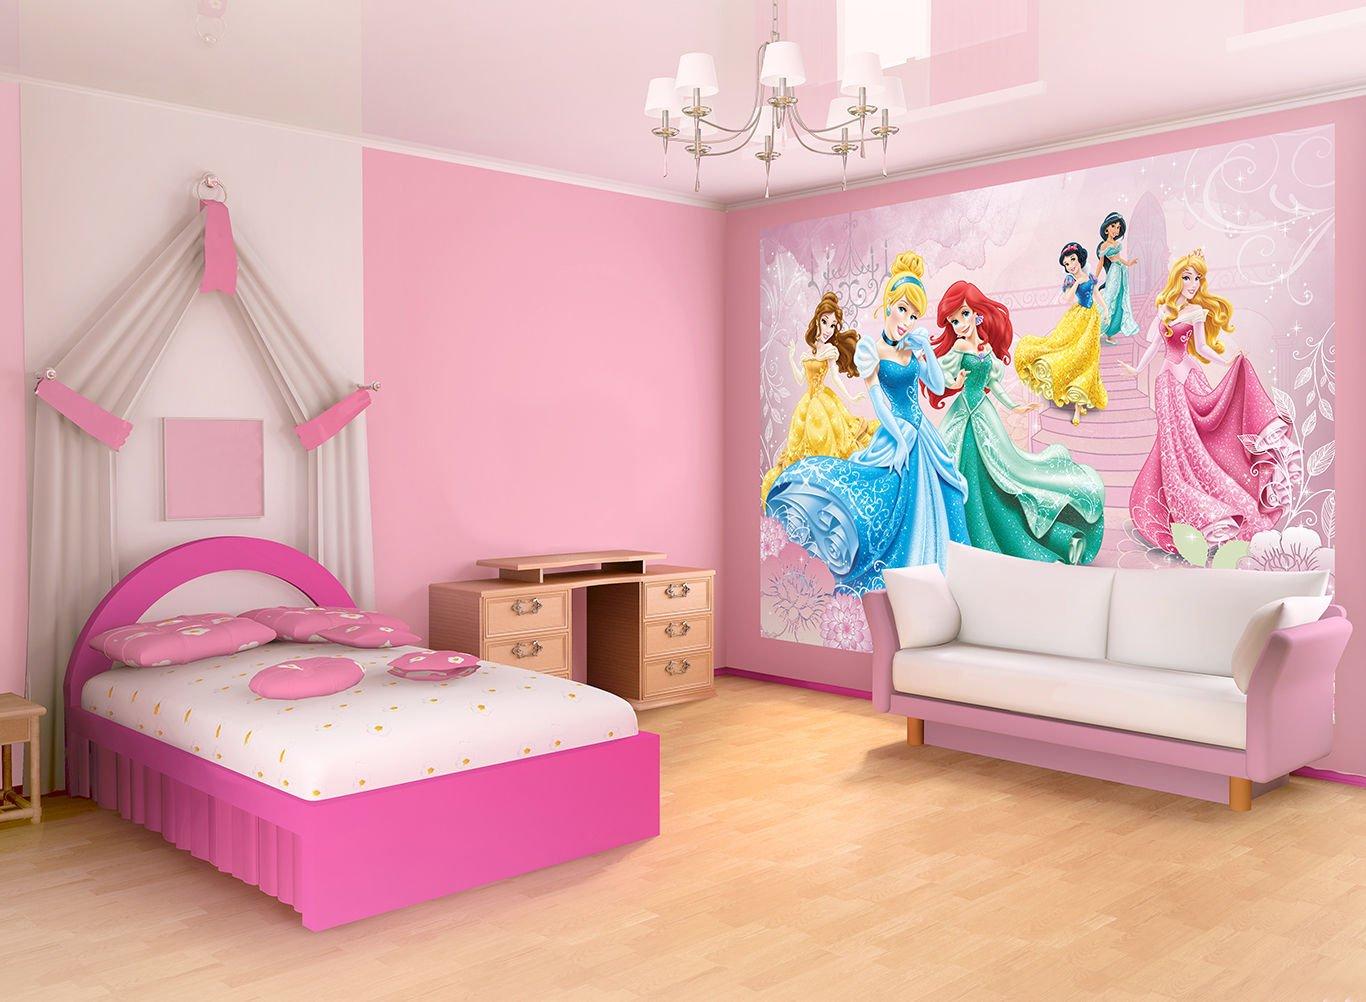 Camerette disney principesse completo lenzuola for Amazon camere da letto complete